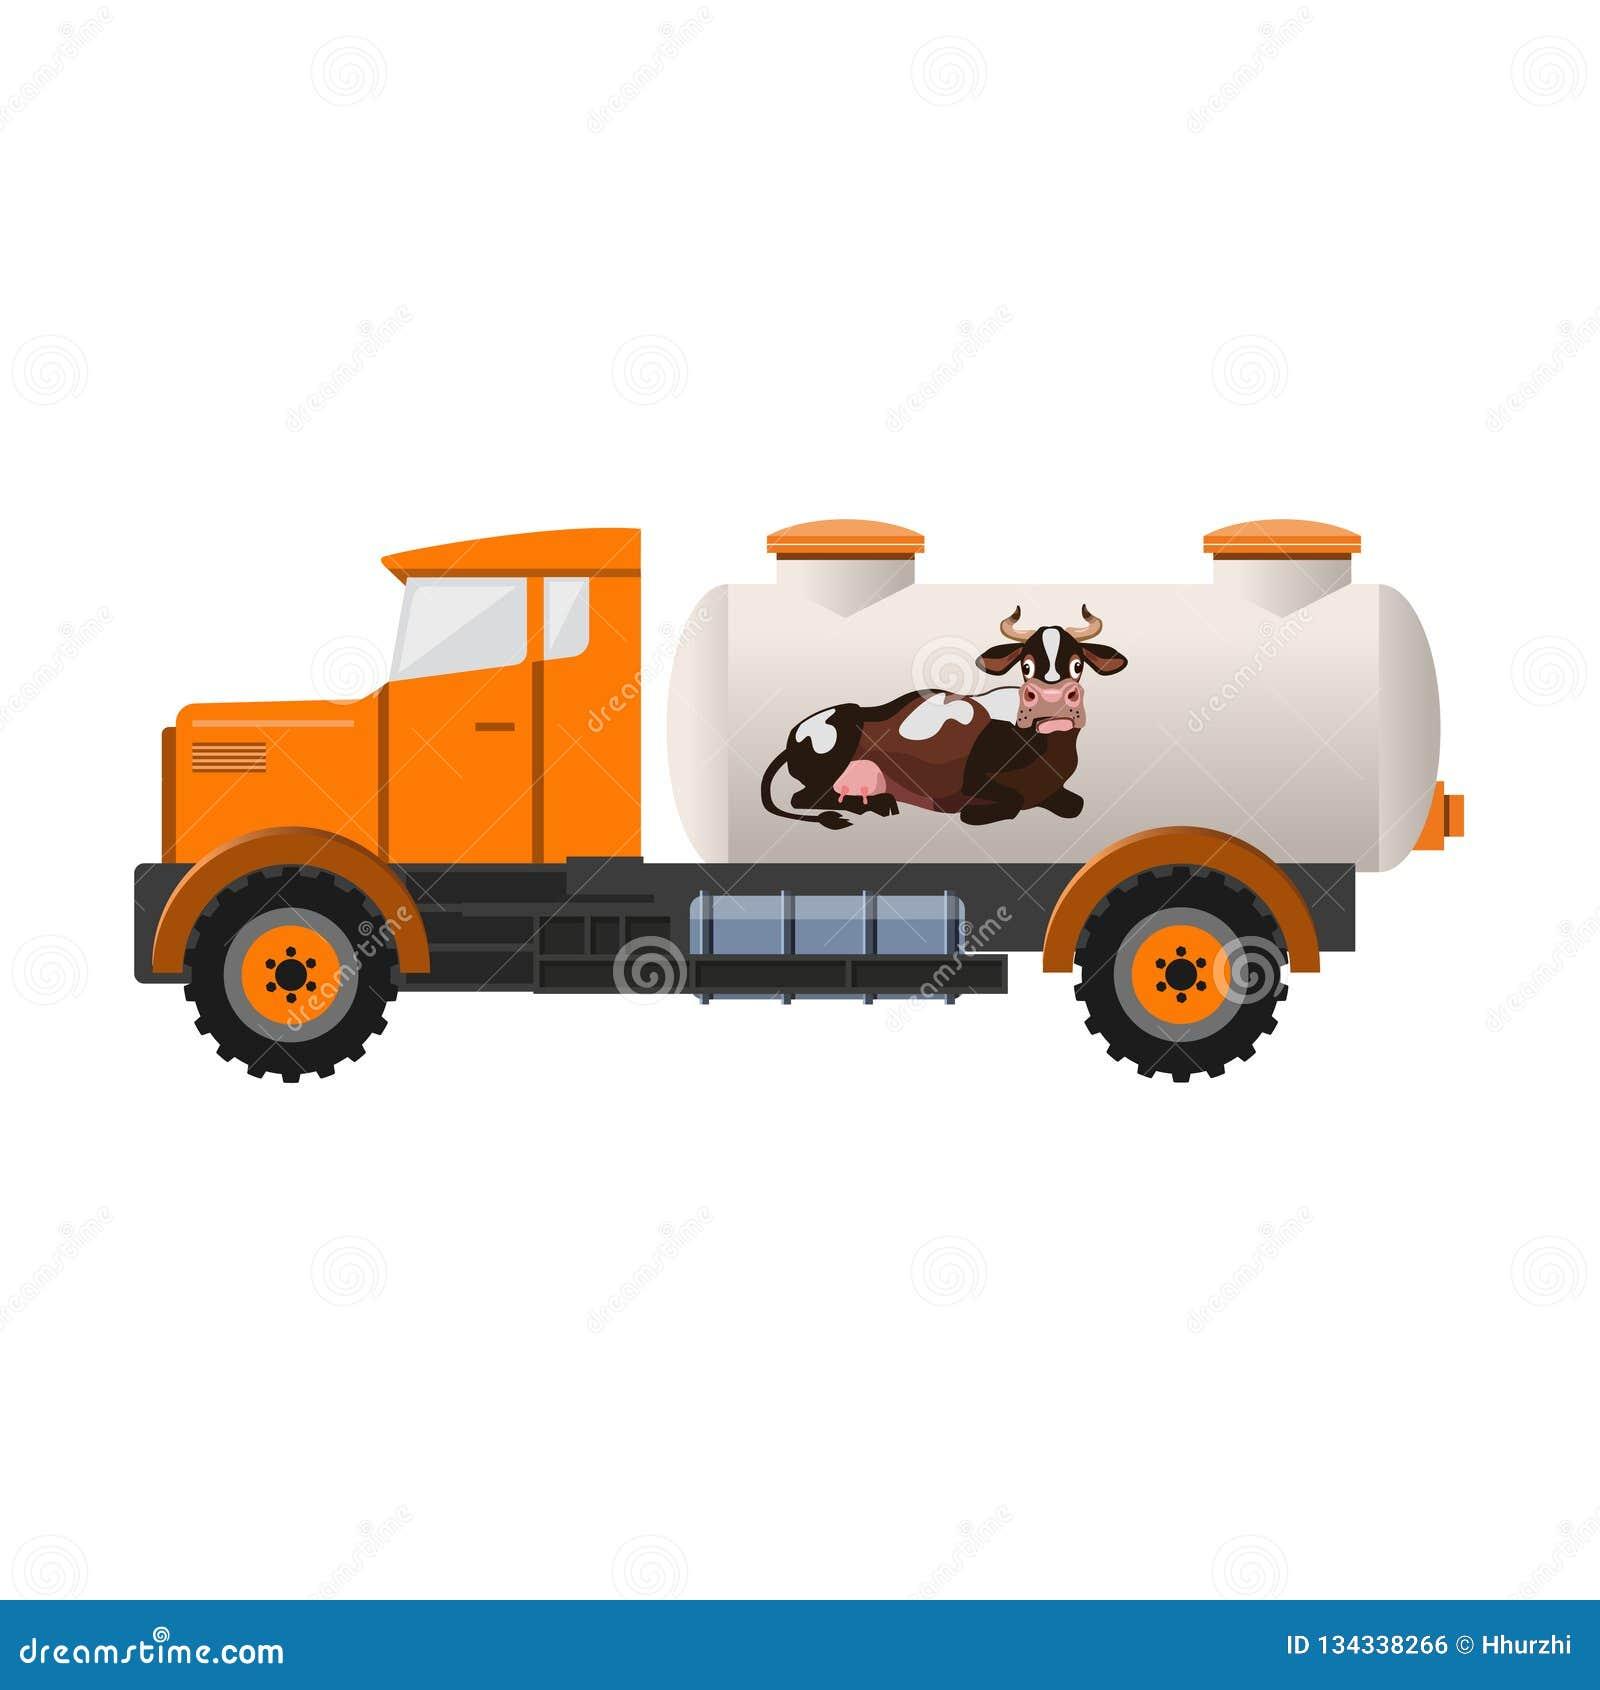 Milk tank truck